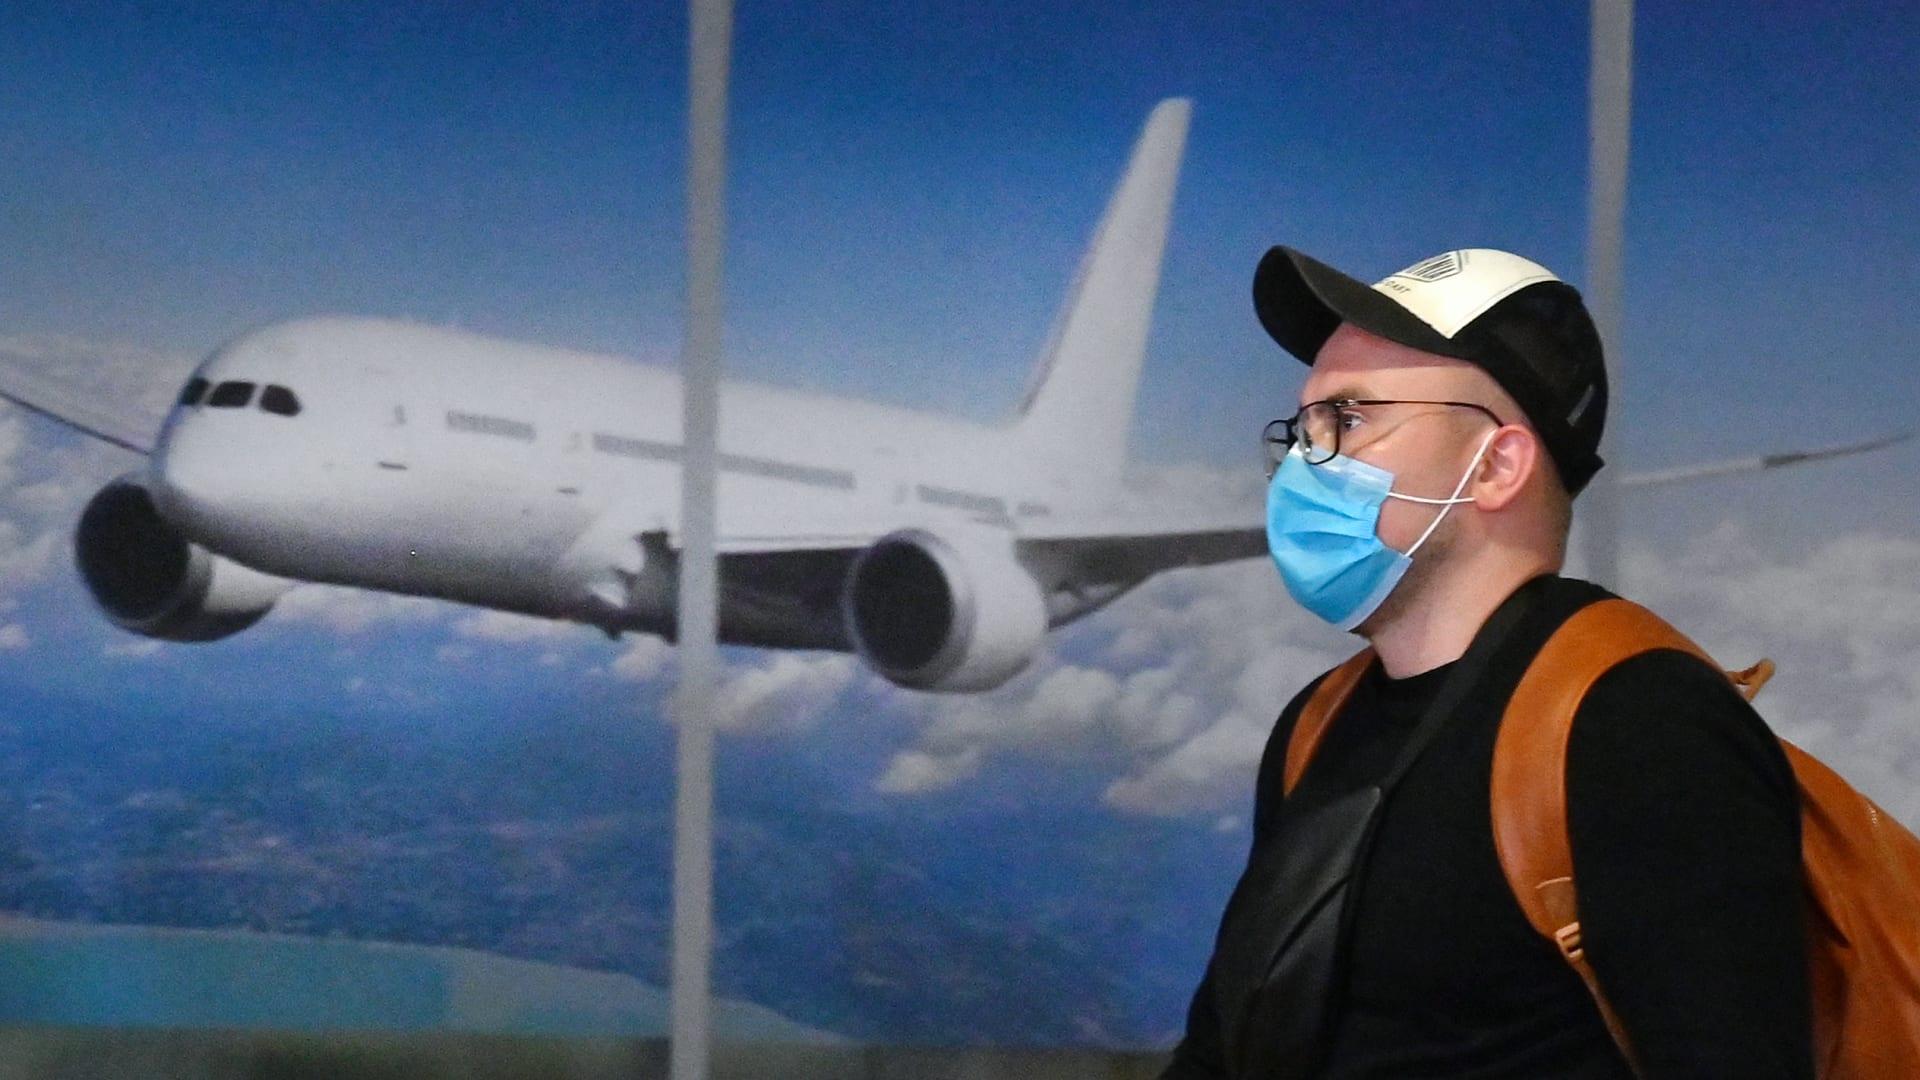 كيف أثر متغير دلتا على أداء رحلات الطيران؟